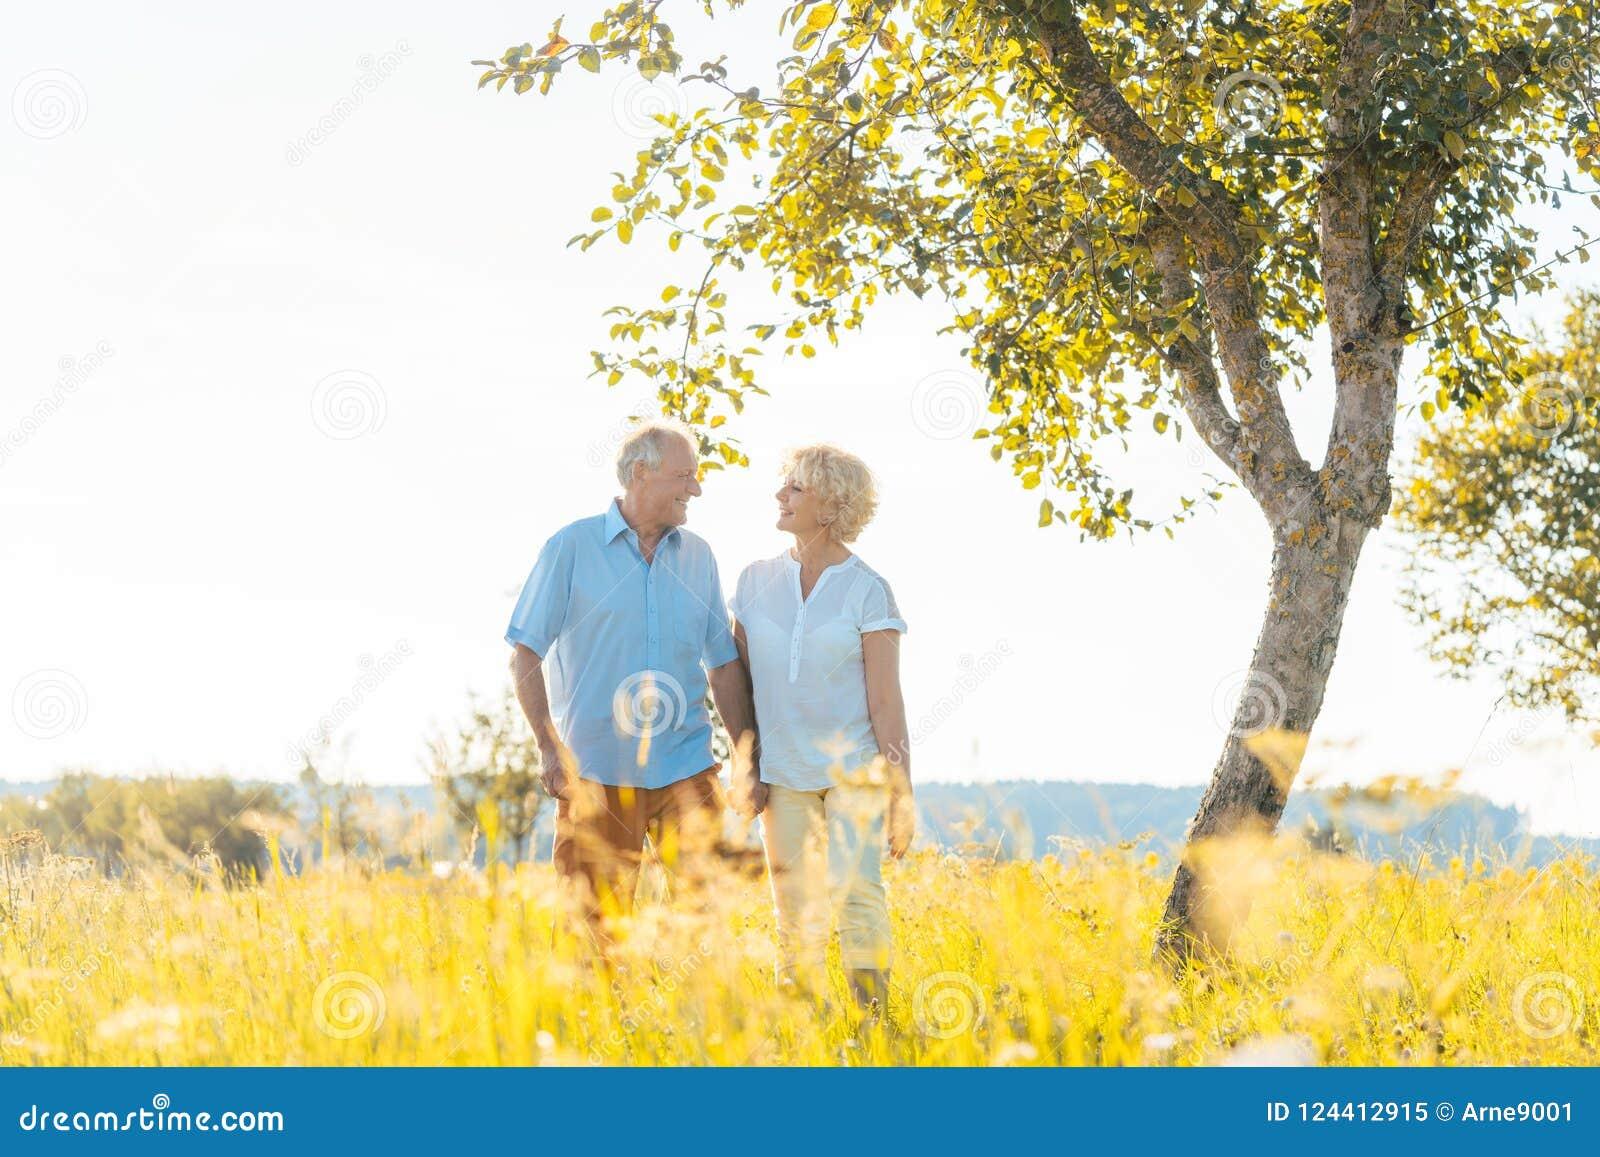 Romantisches älteres Paarhändchenhalten beim auf einem Gebiet zusammen gehen